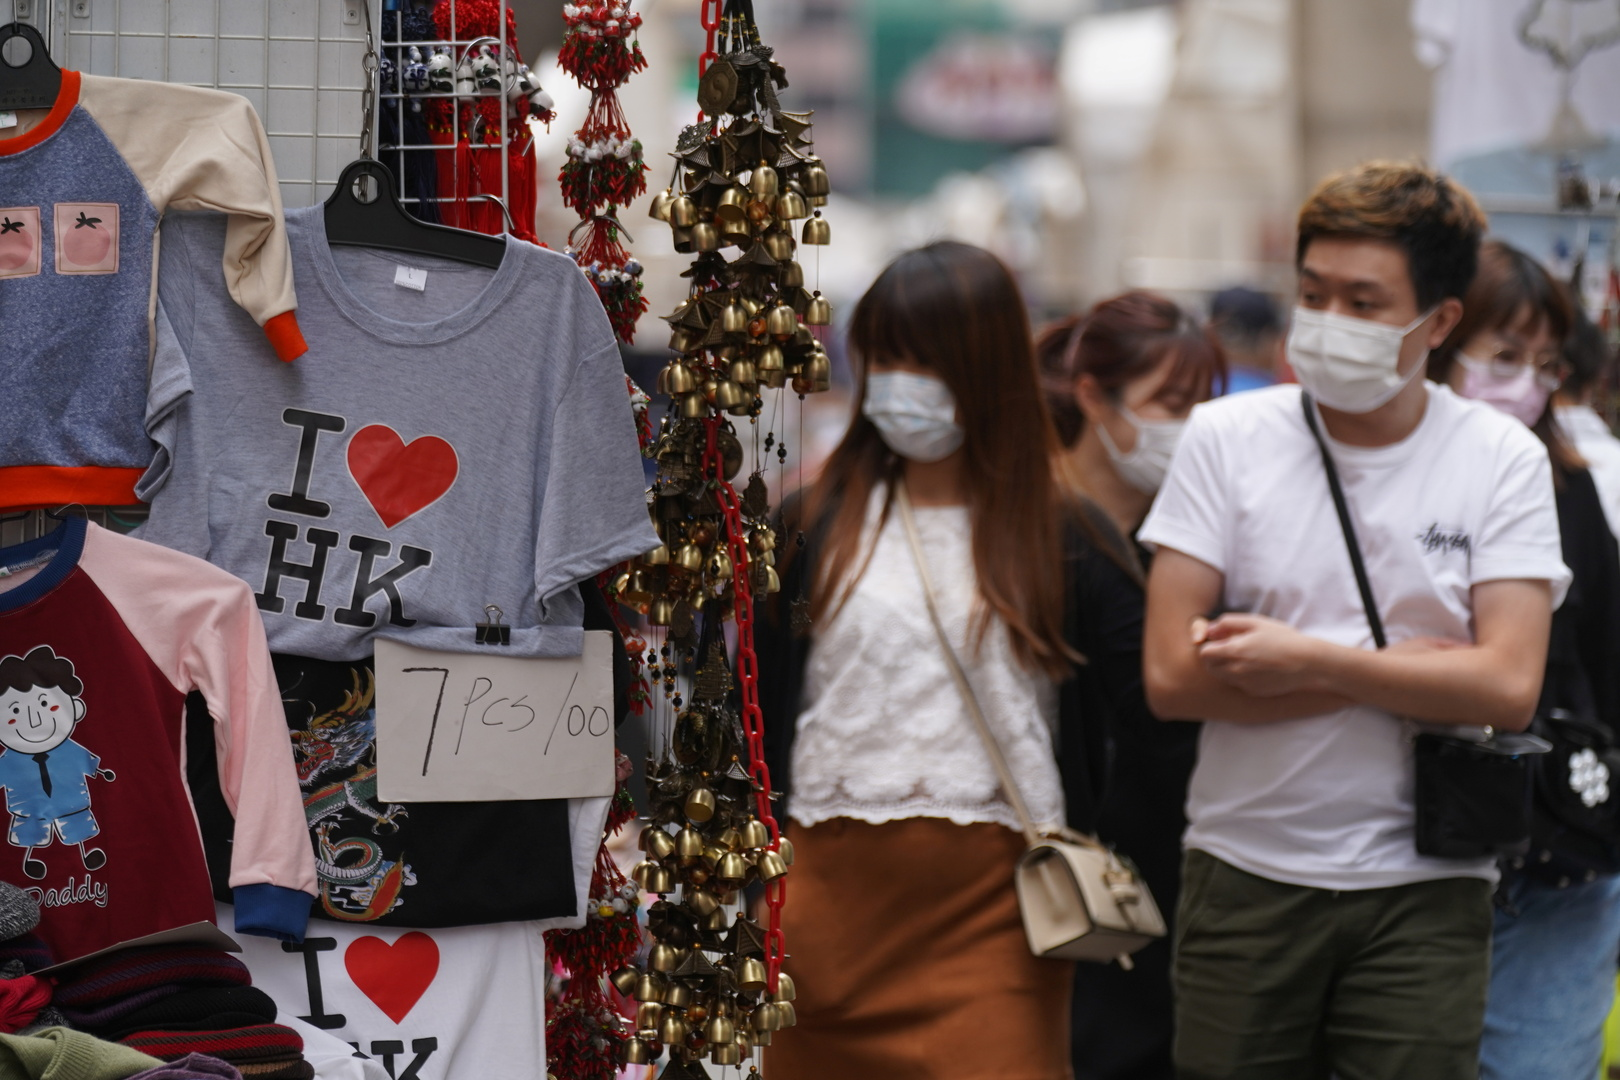 هونغ كونغ تعتمد مساعدات مالية للفقراء المصابين بكورونا